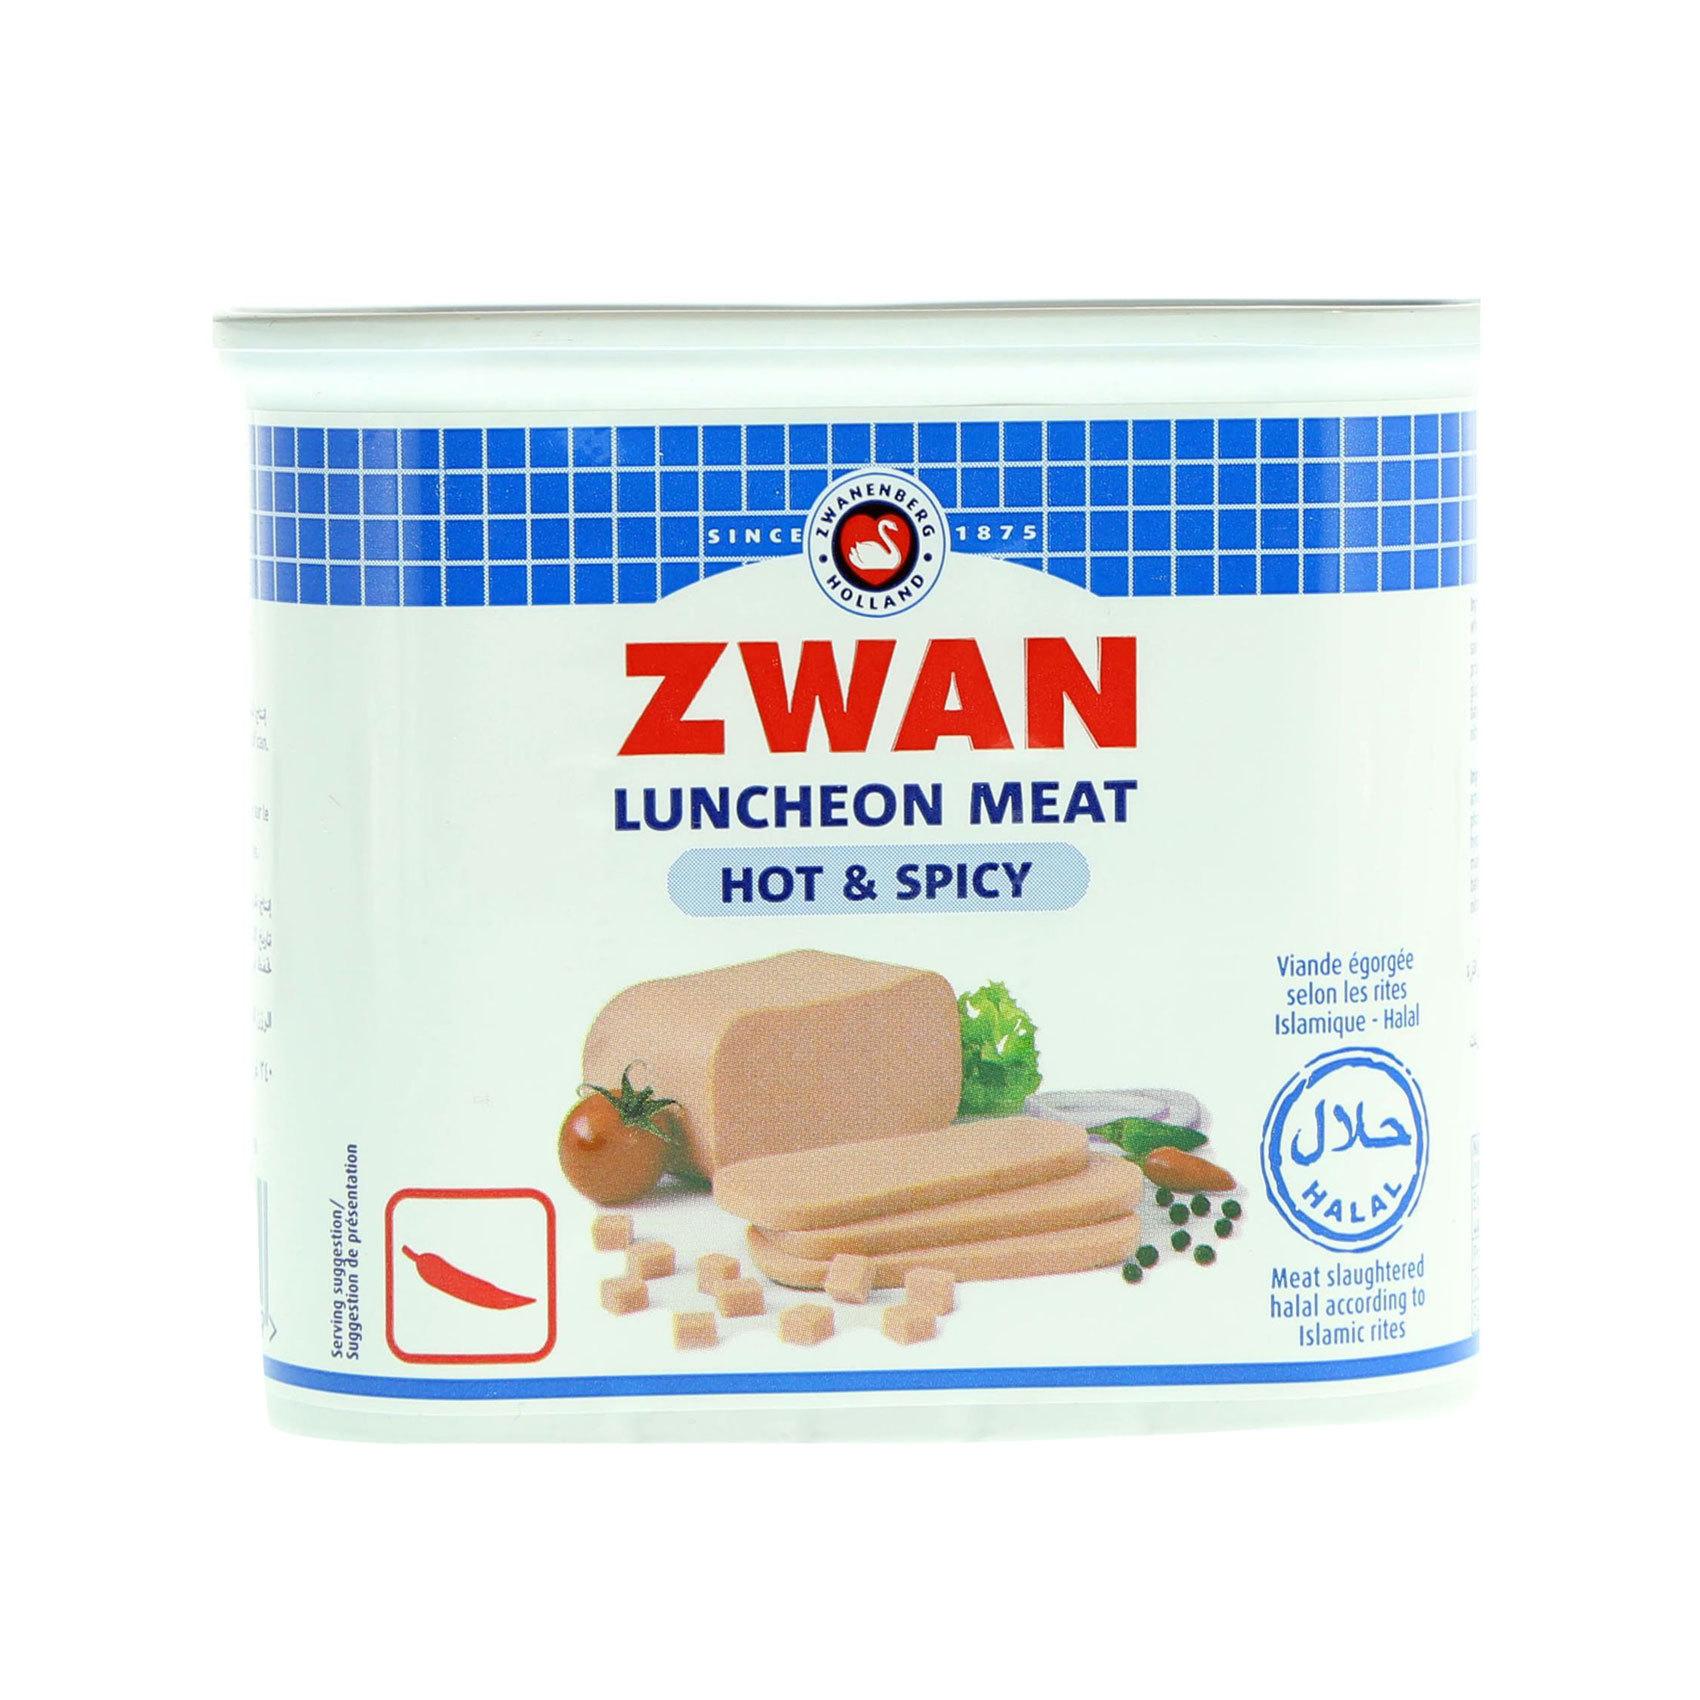 ZWAN LUNCHEON BEEF SPICY 340GR